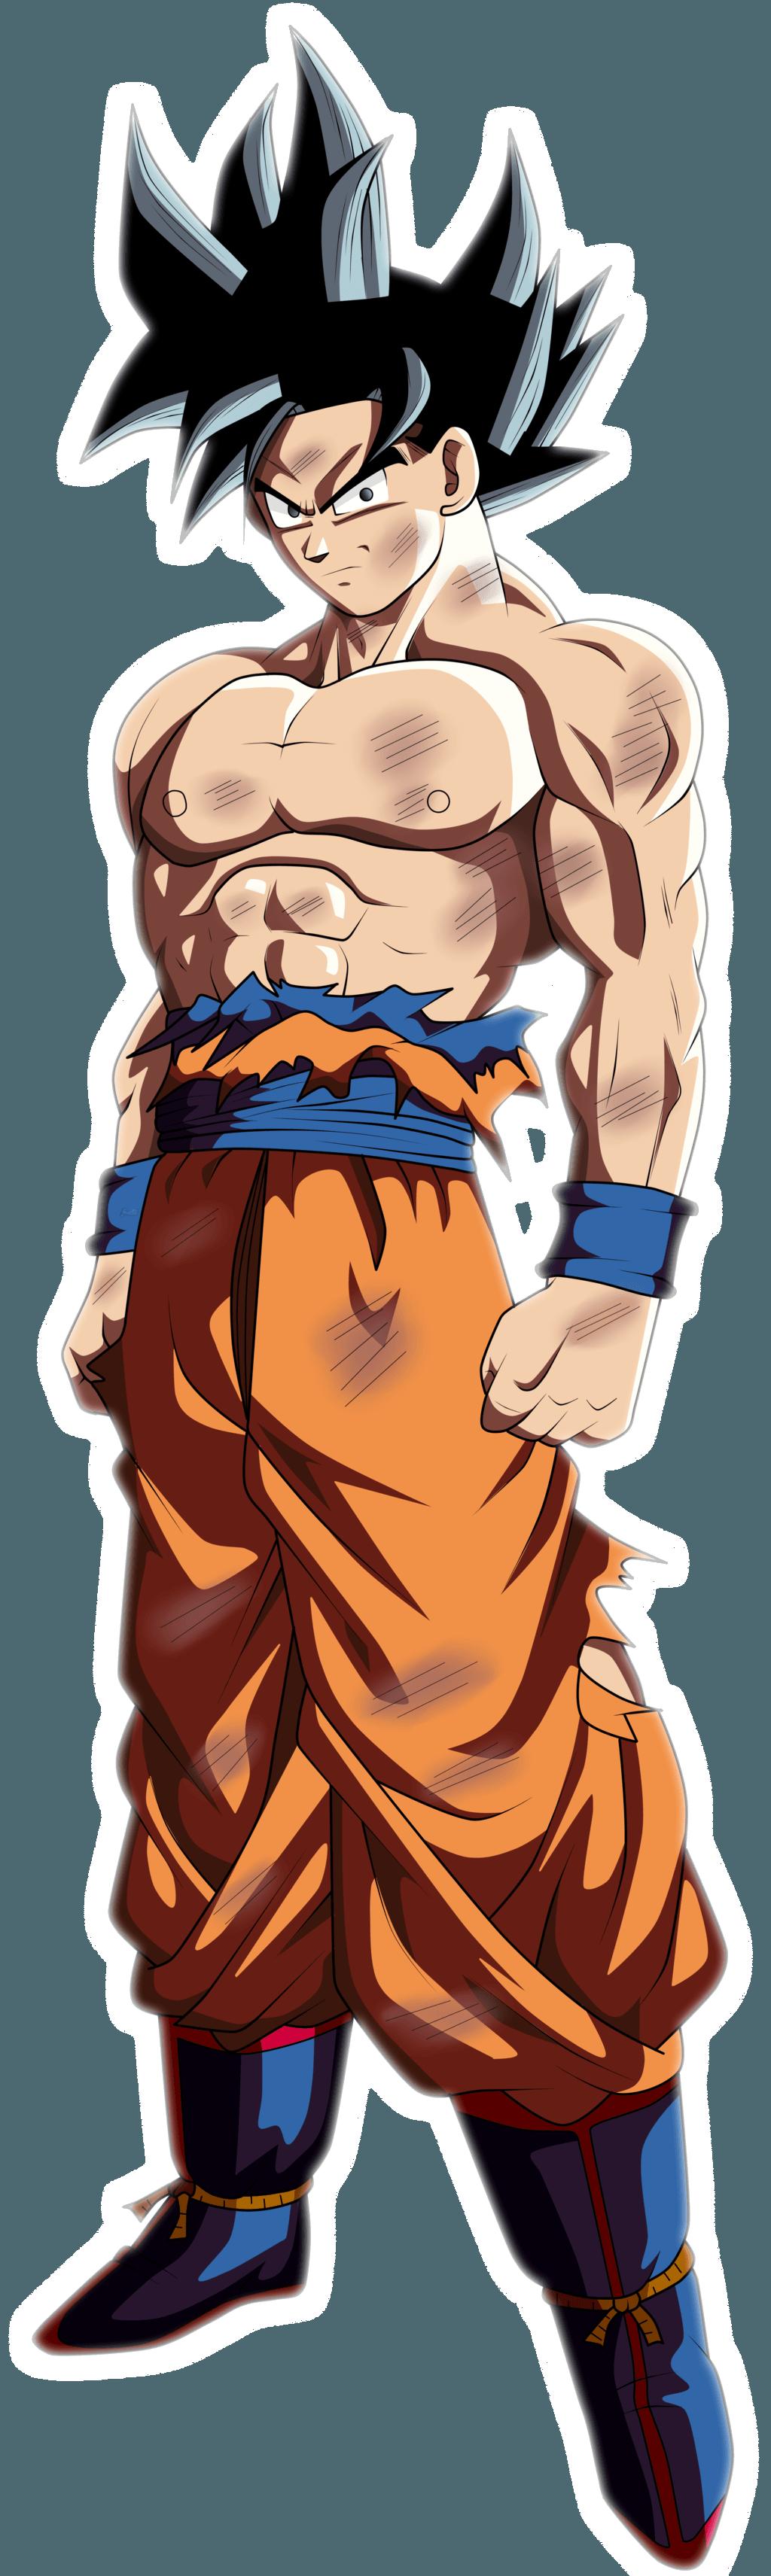 Limit Breaker Goku Wallpapers